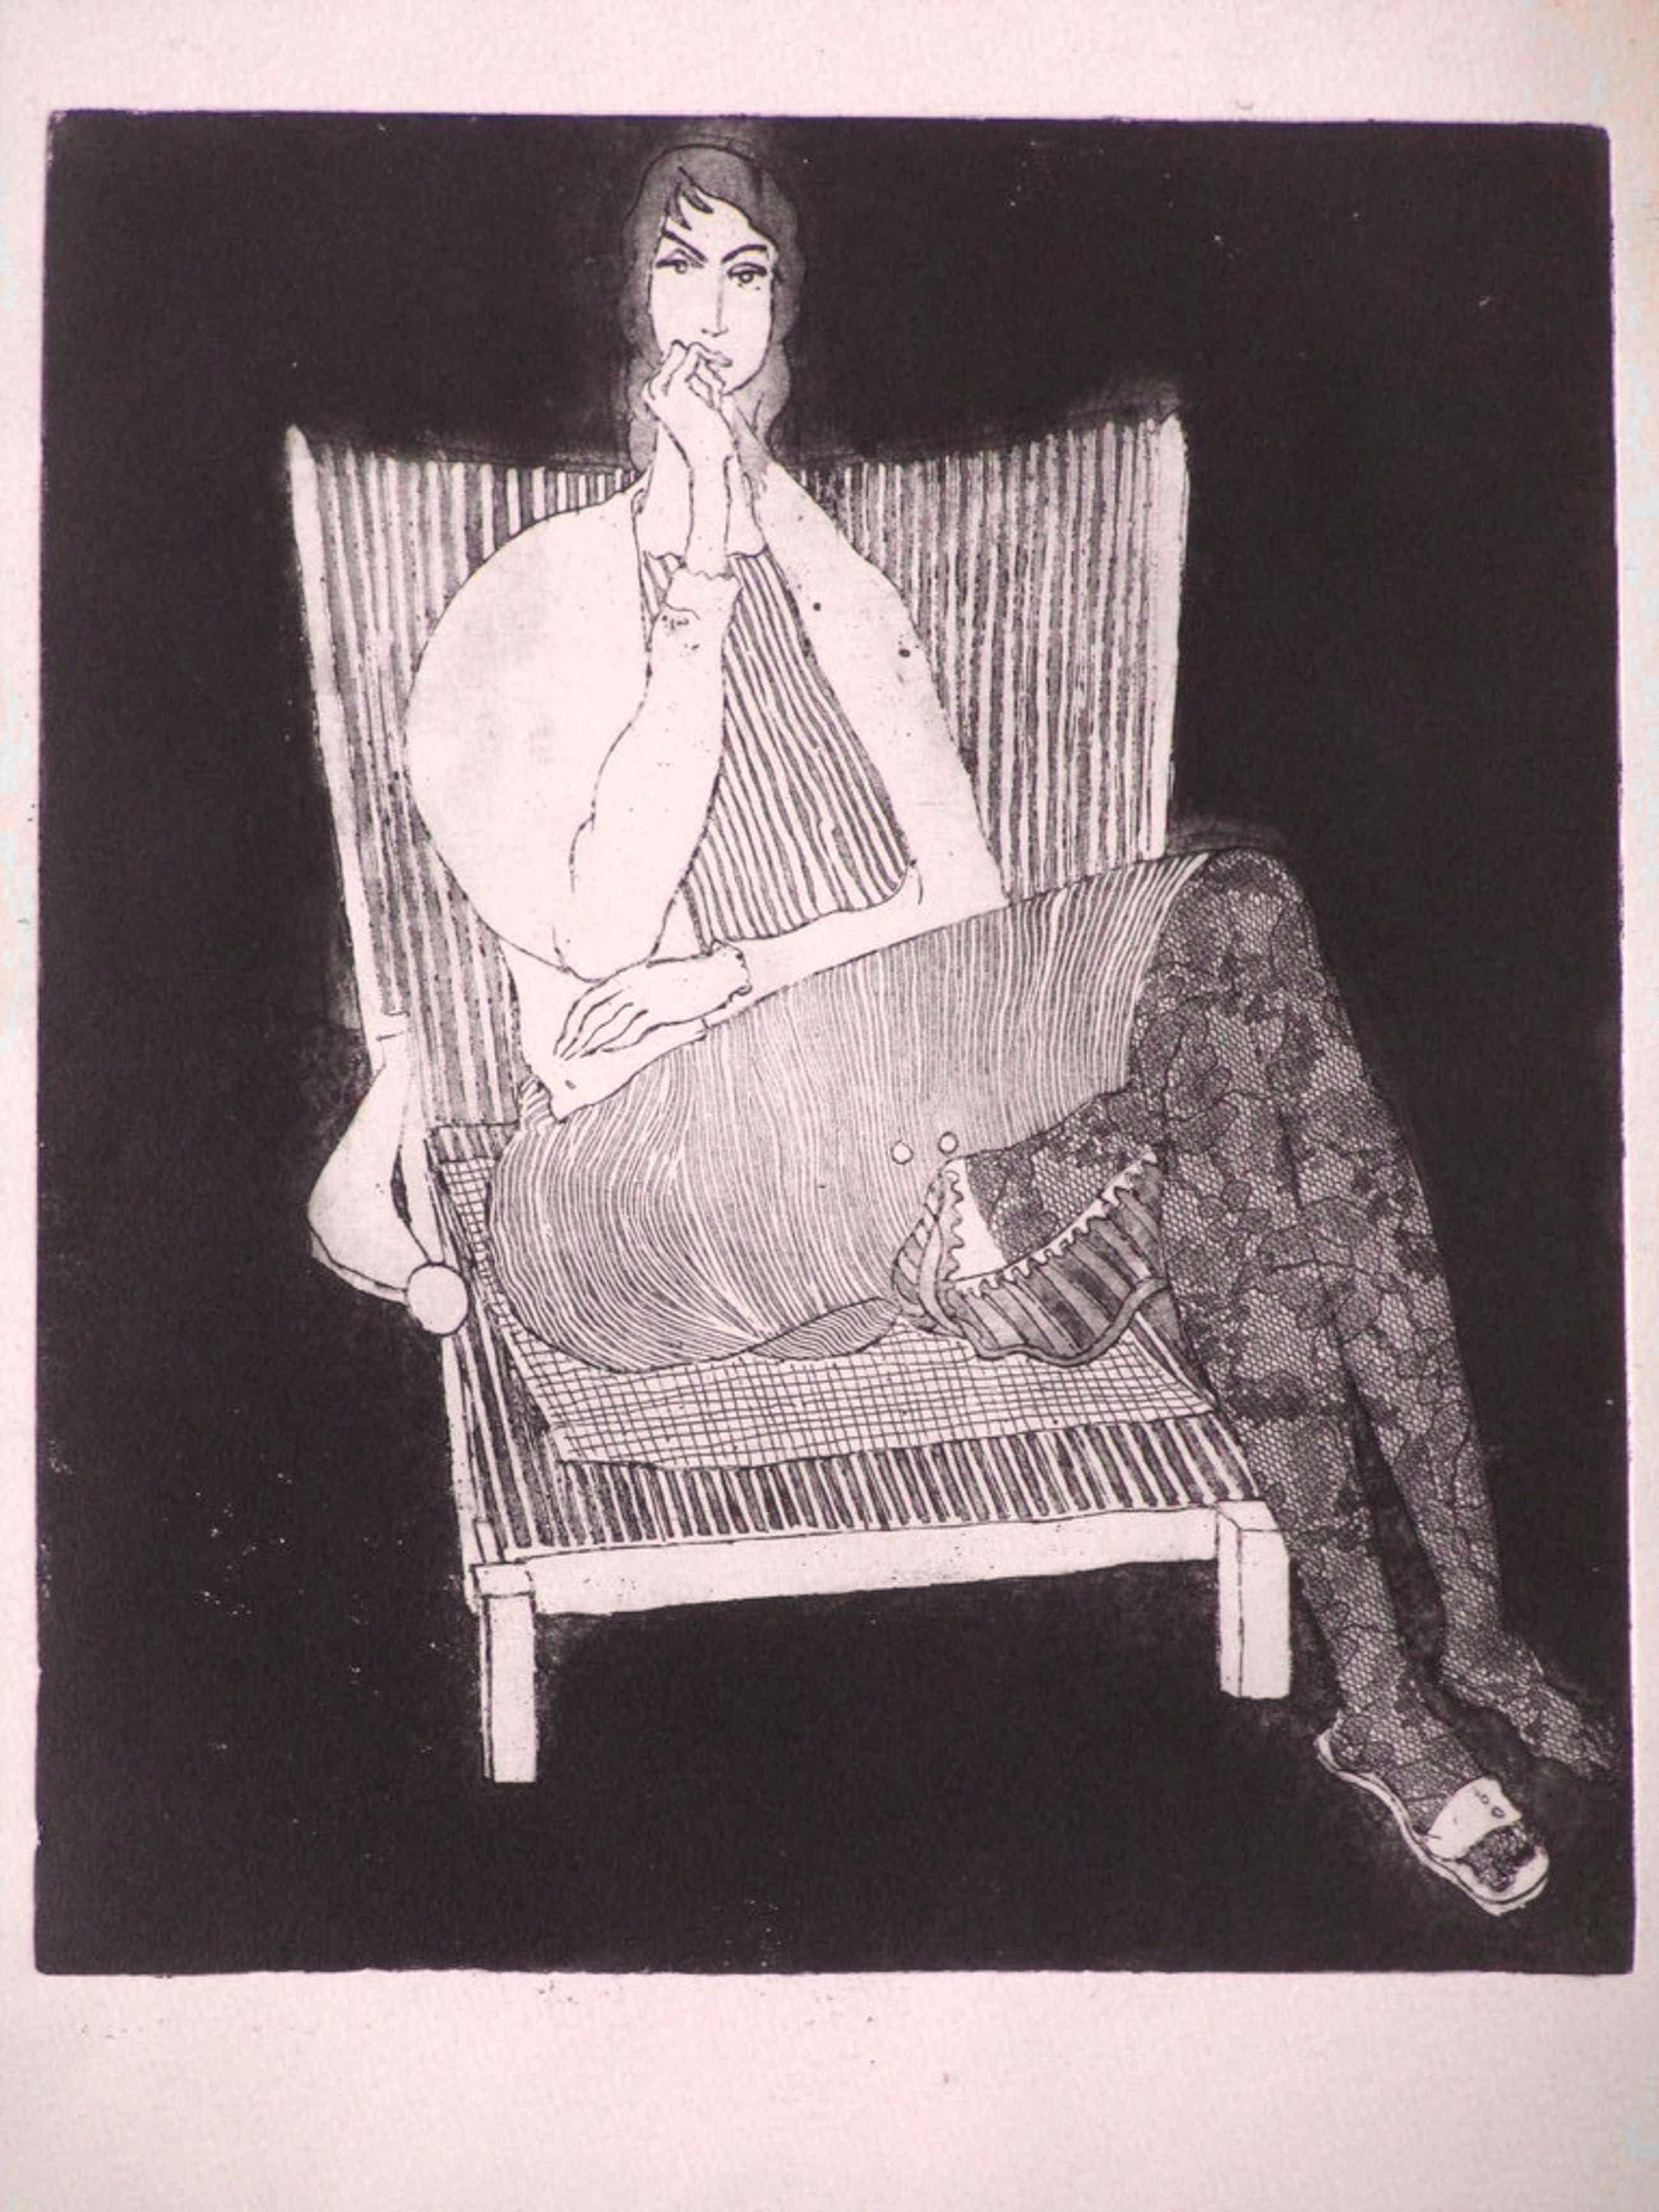 Theo Beerendonk, Vrouw in stoel, Ets kopen? Bied vanaf 55!